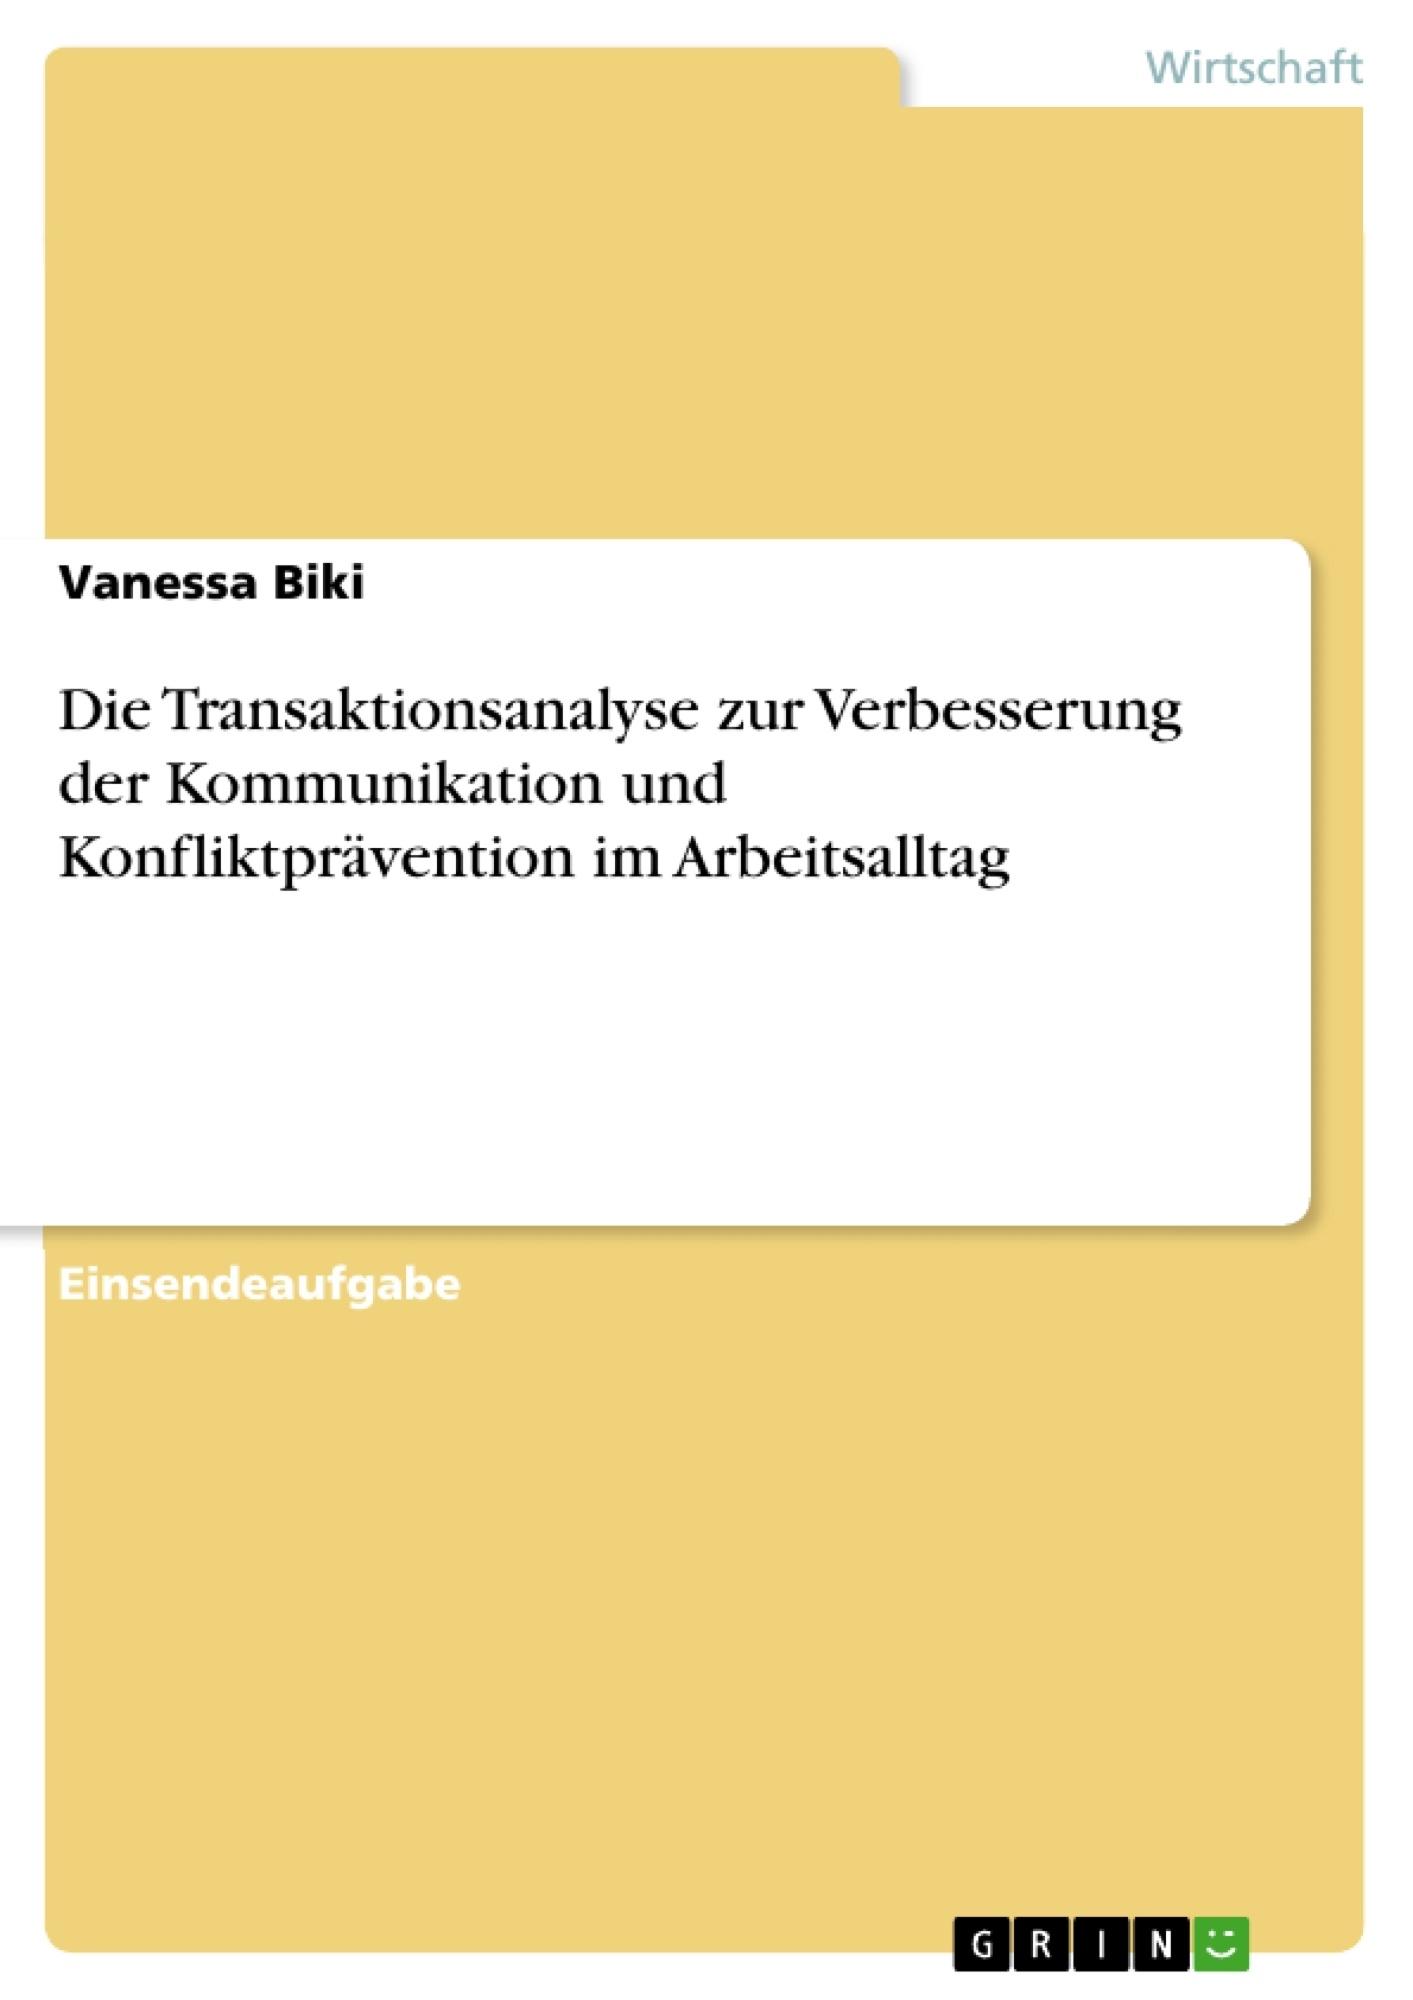 Titel: Die Transaktionsanalyse zur Verbesserung der Kommunikation und Konfliktprävention im Arbeitsalltag